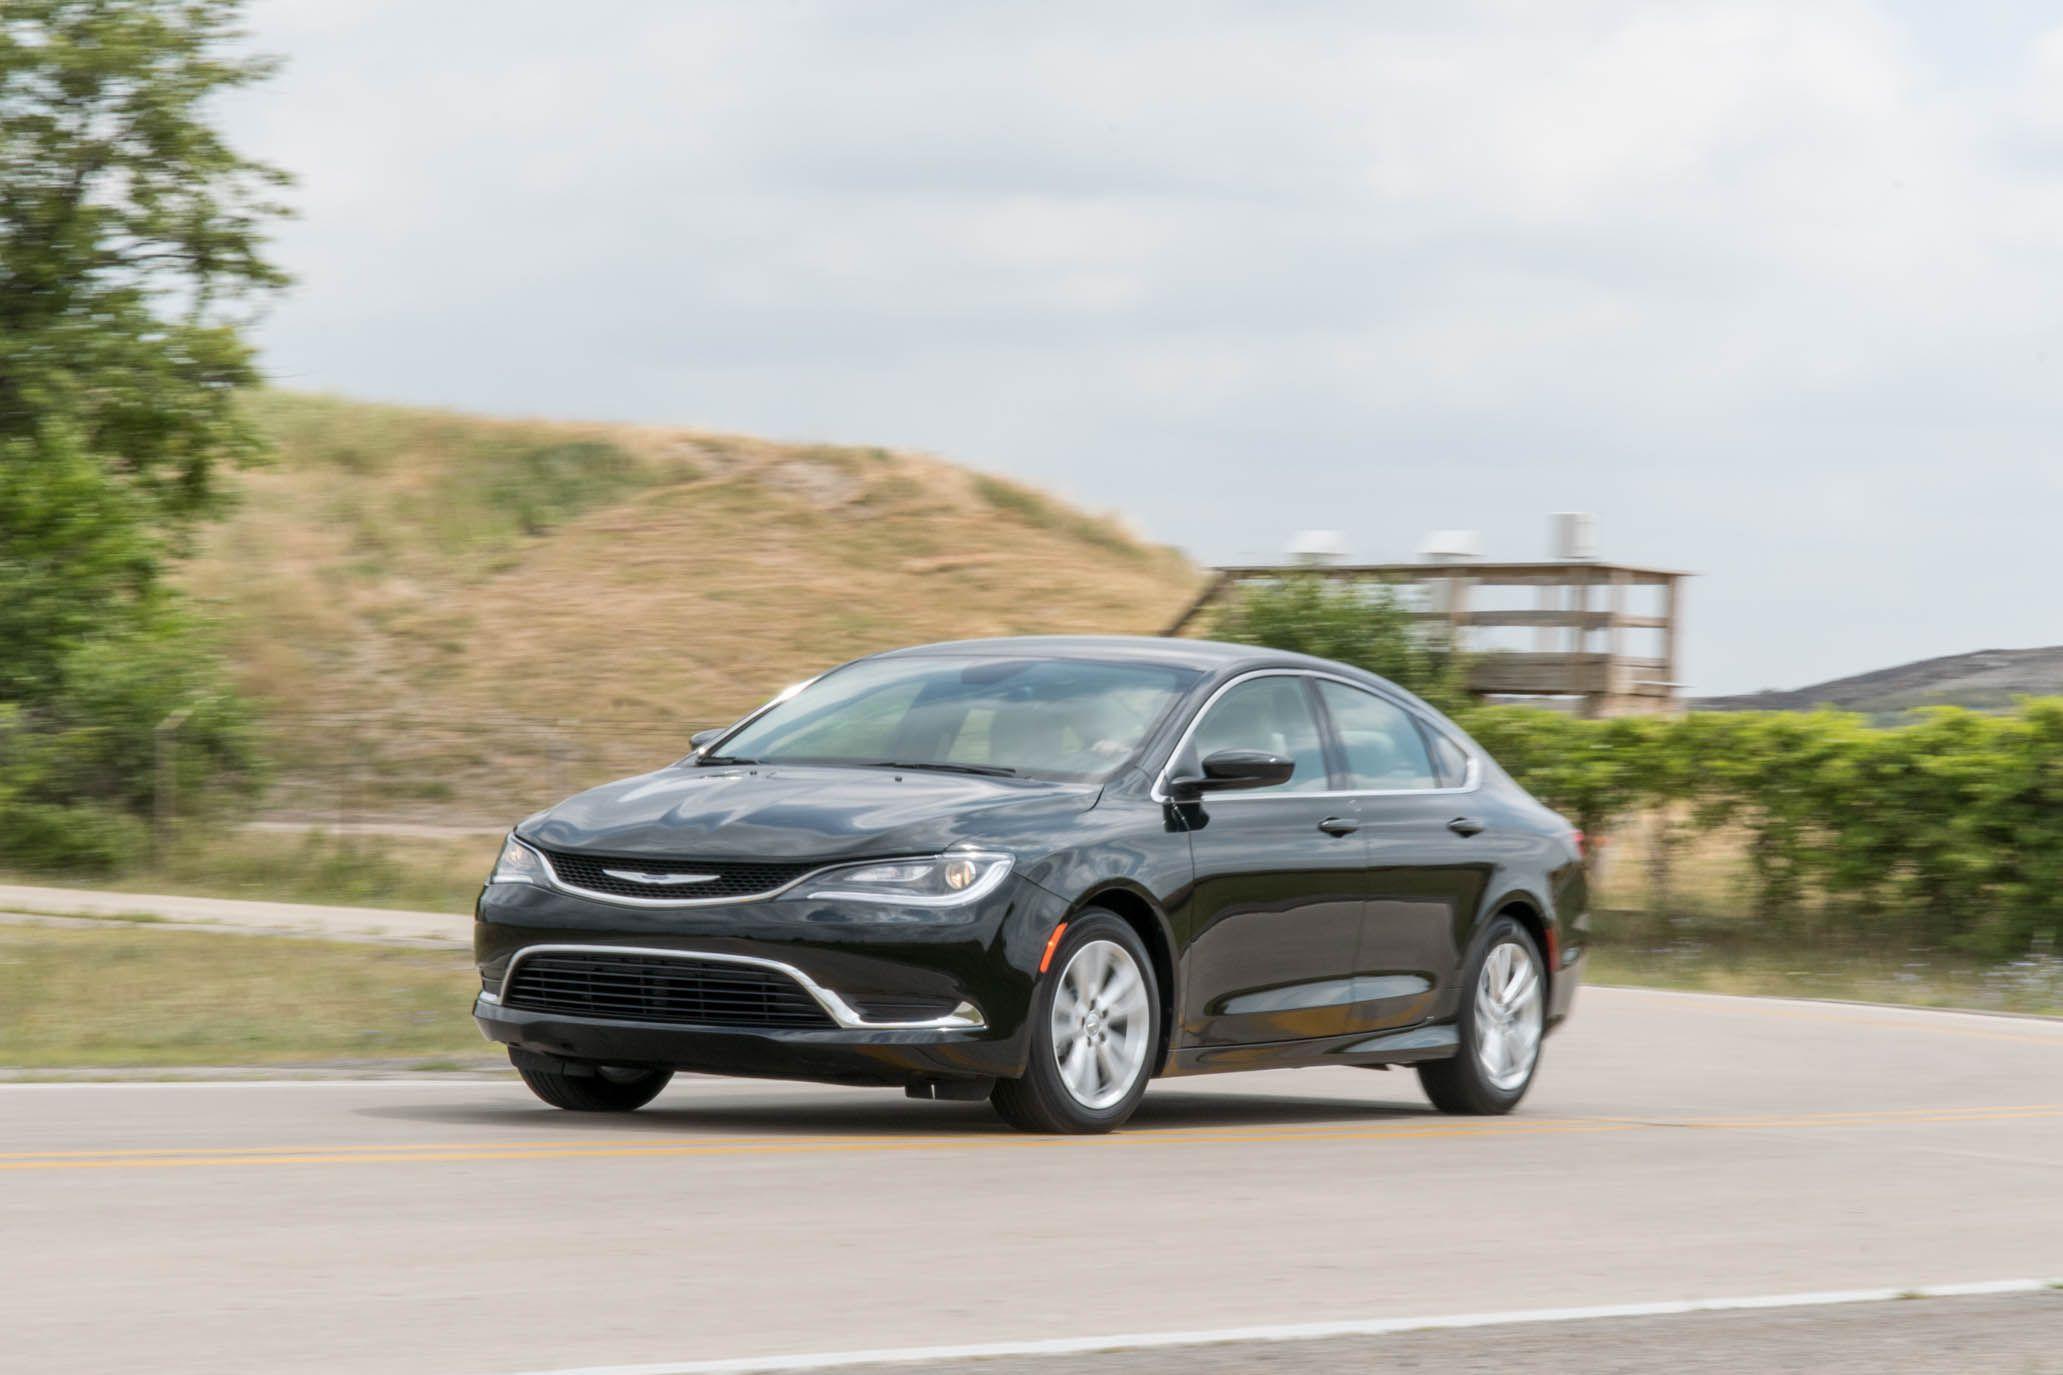 2020 Chrysler 200 Price